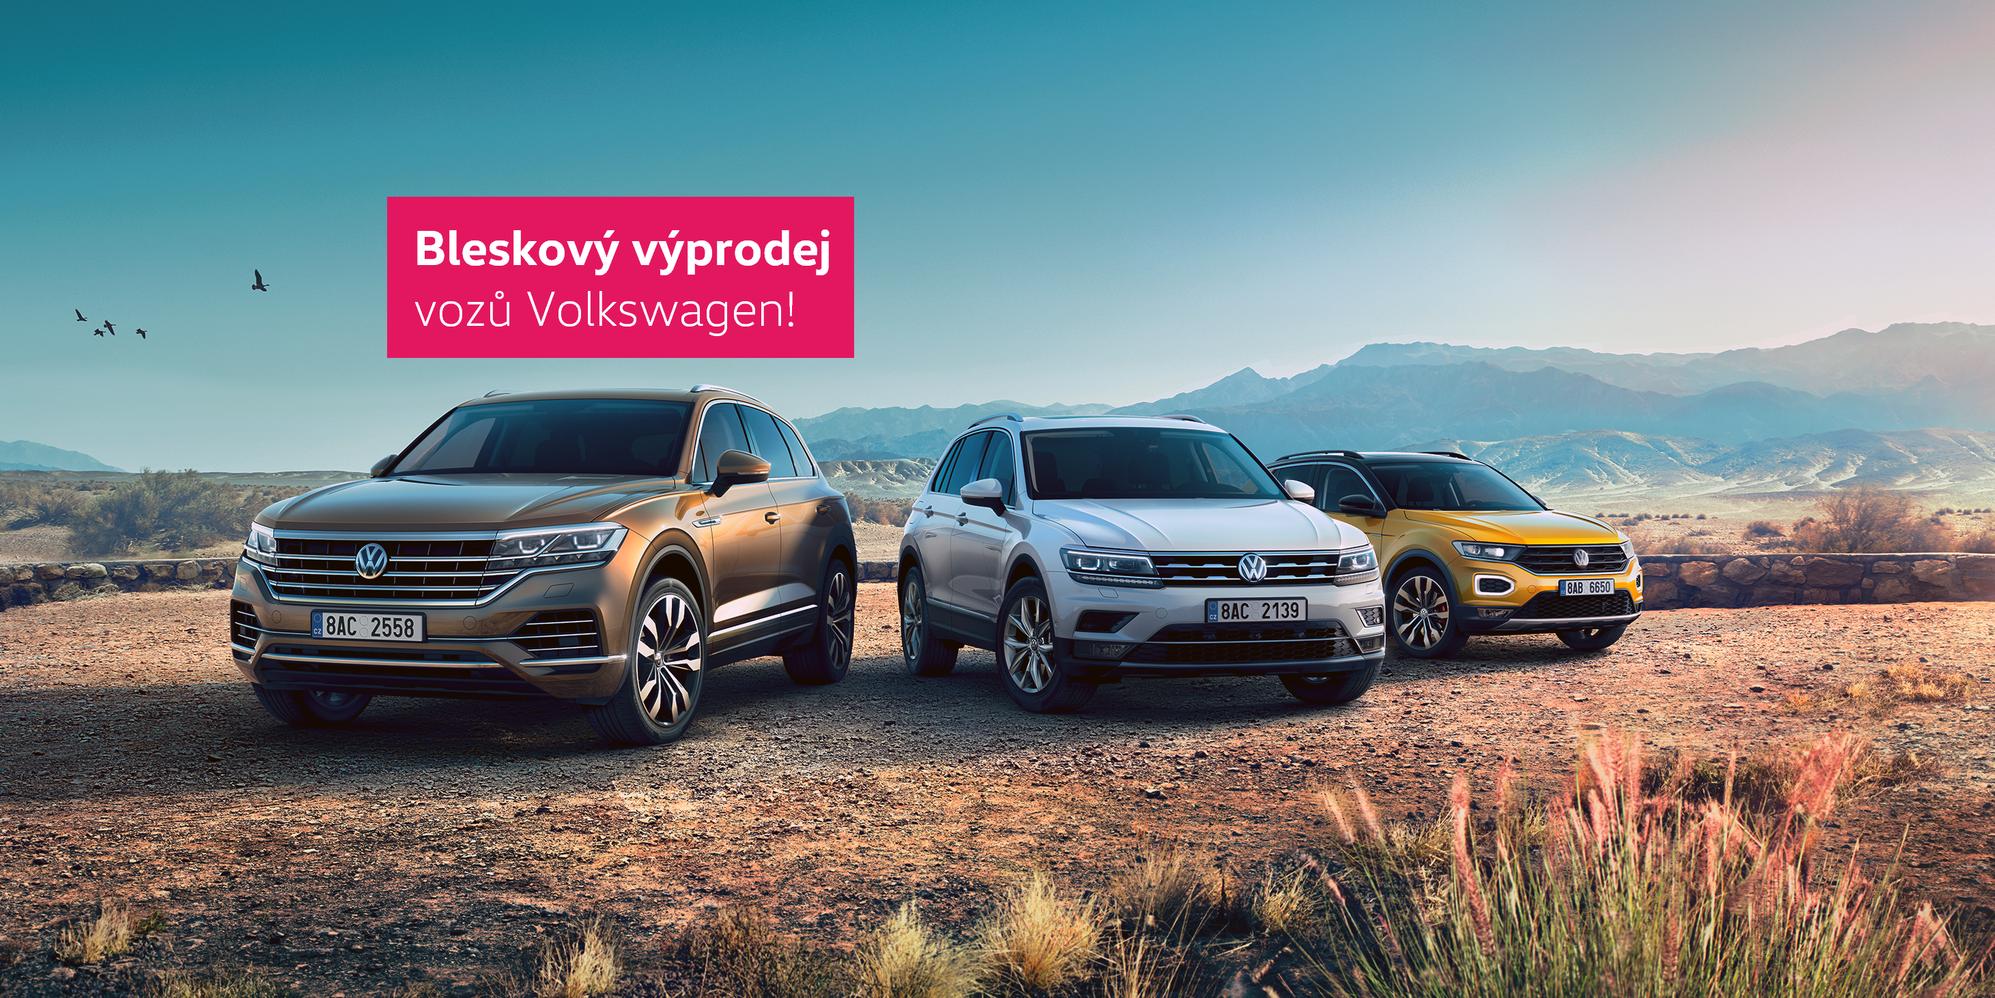 Modely Volkswagen se zvýhodněním až 354 000 Kč!